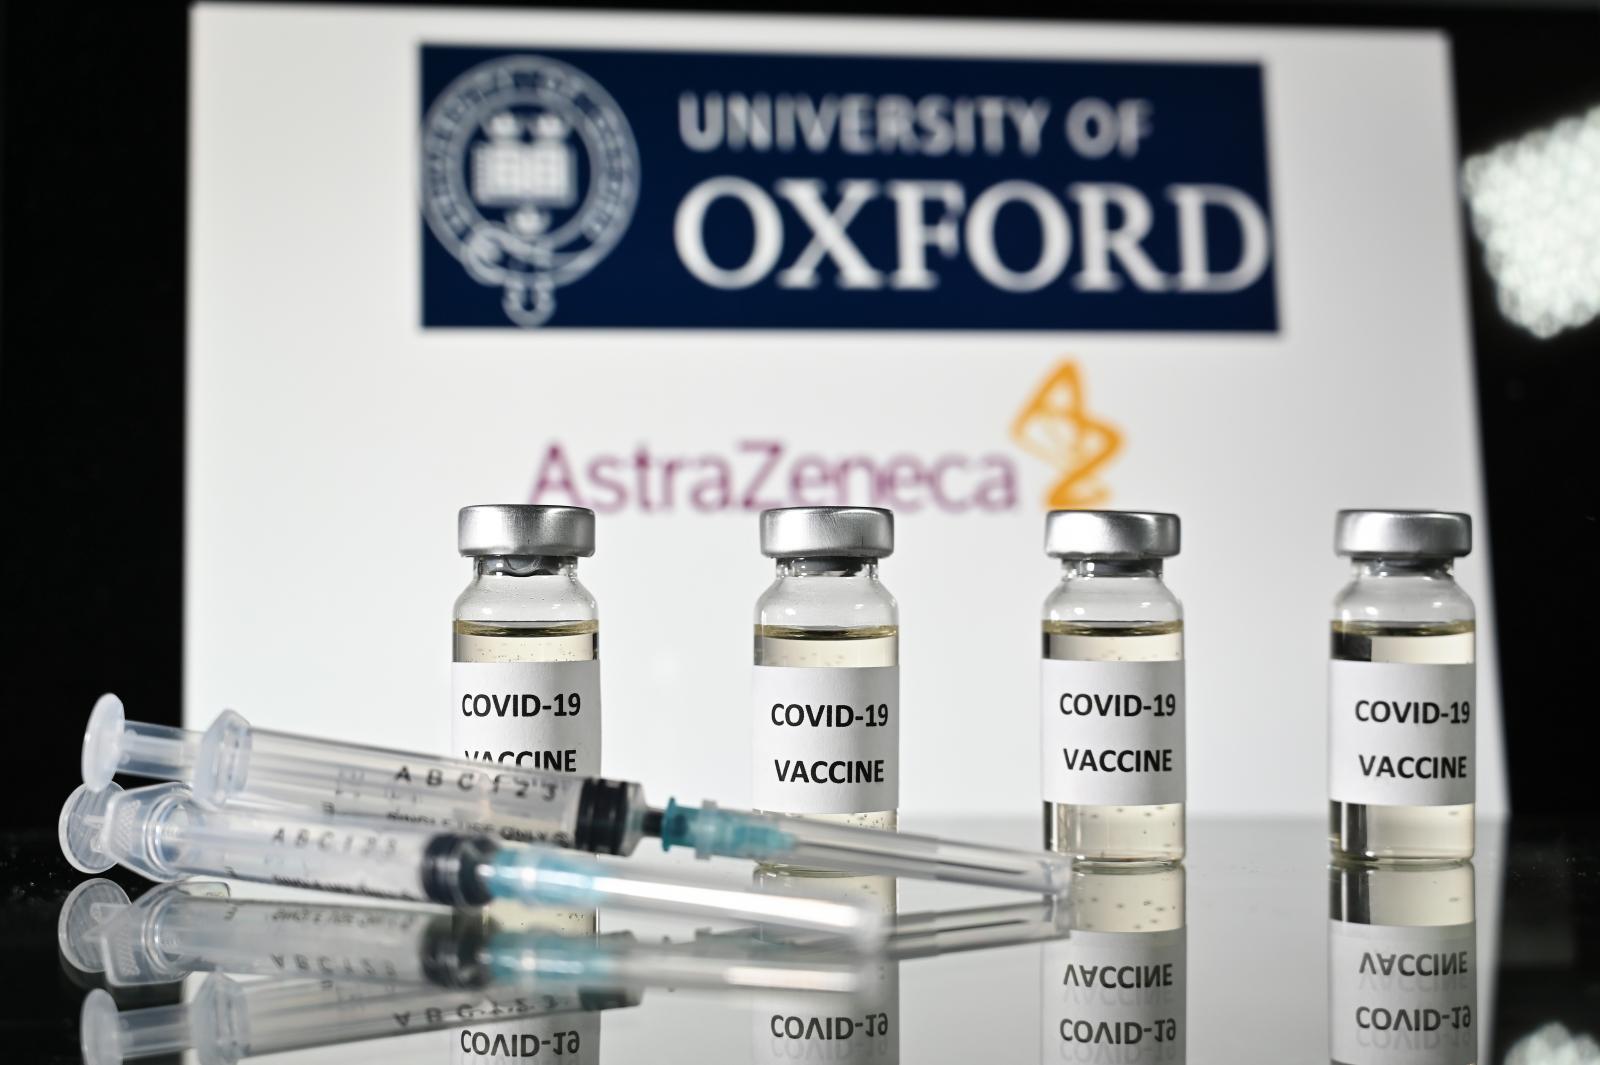 อัปเดต 23 ประเทศ ระงับใช้วัคซีนโควิด-19 แอสตราเซเนกา